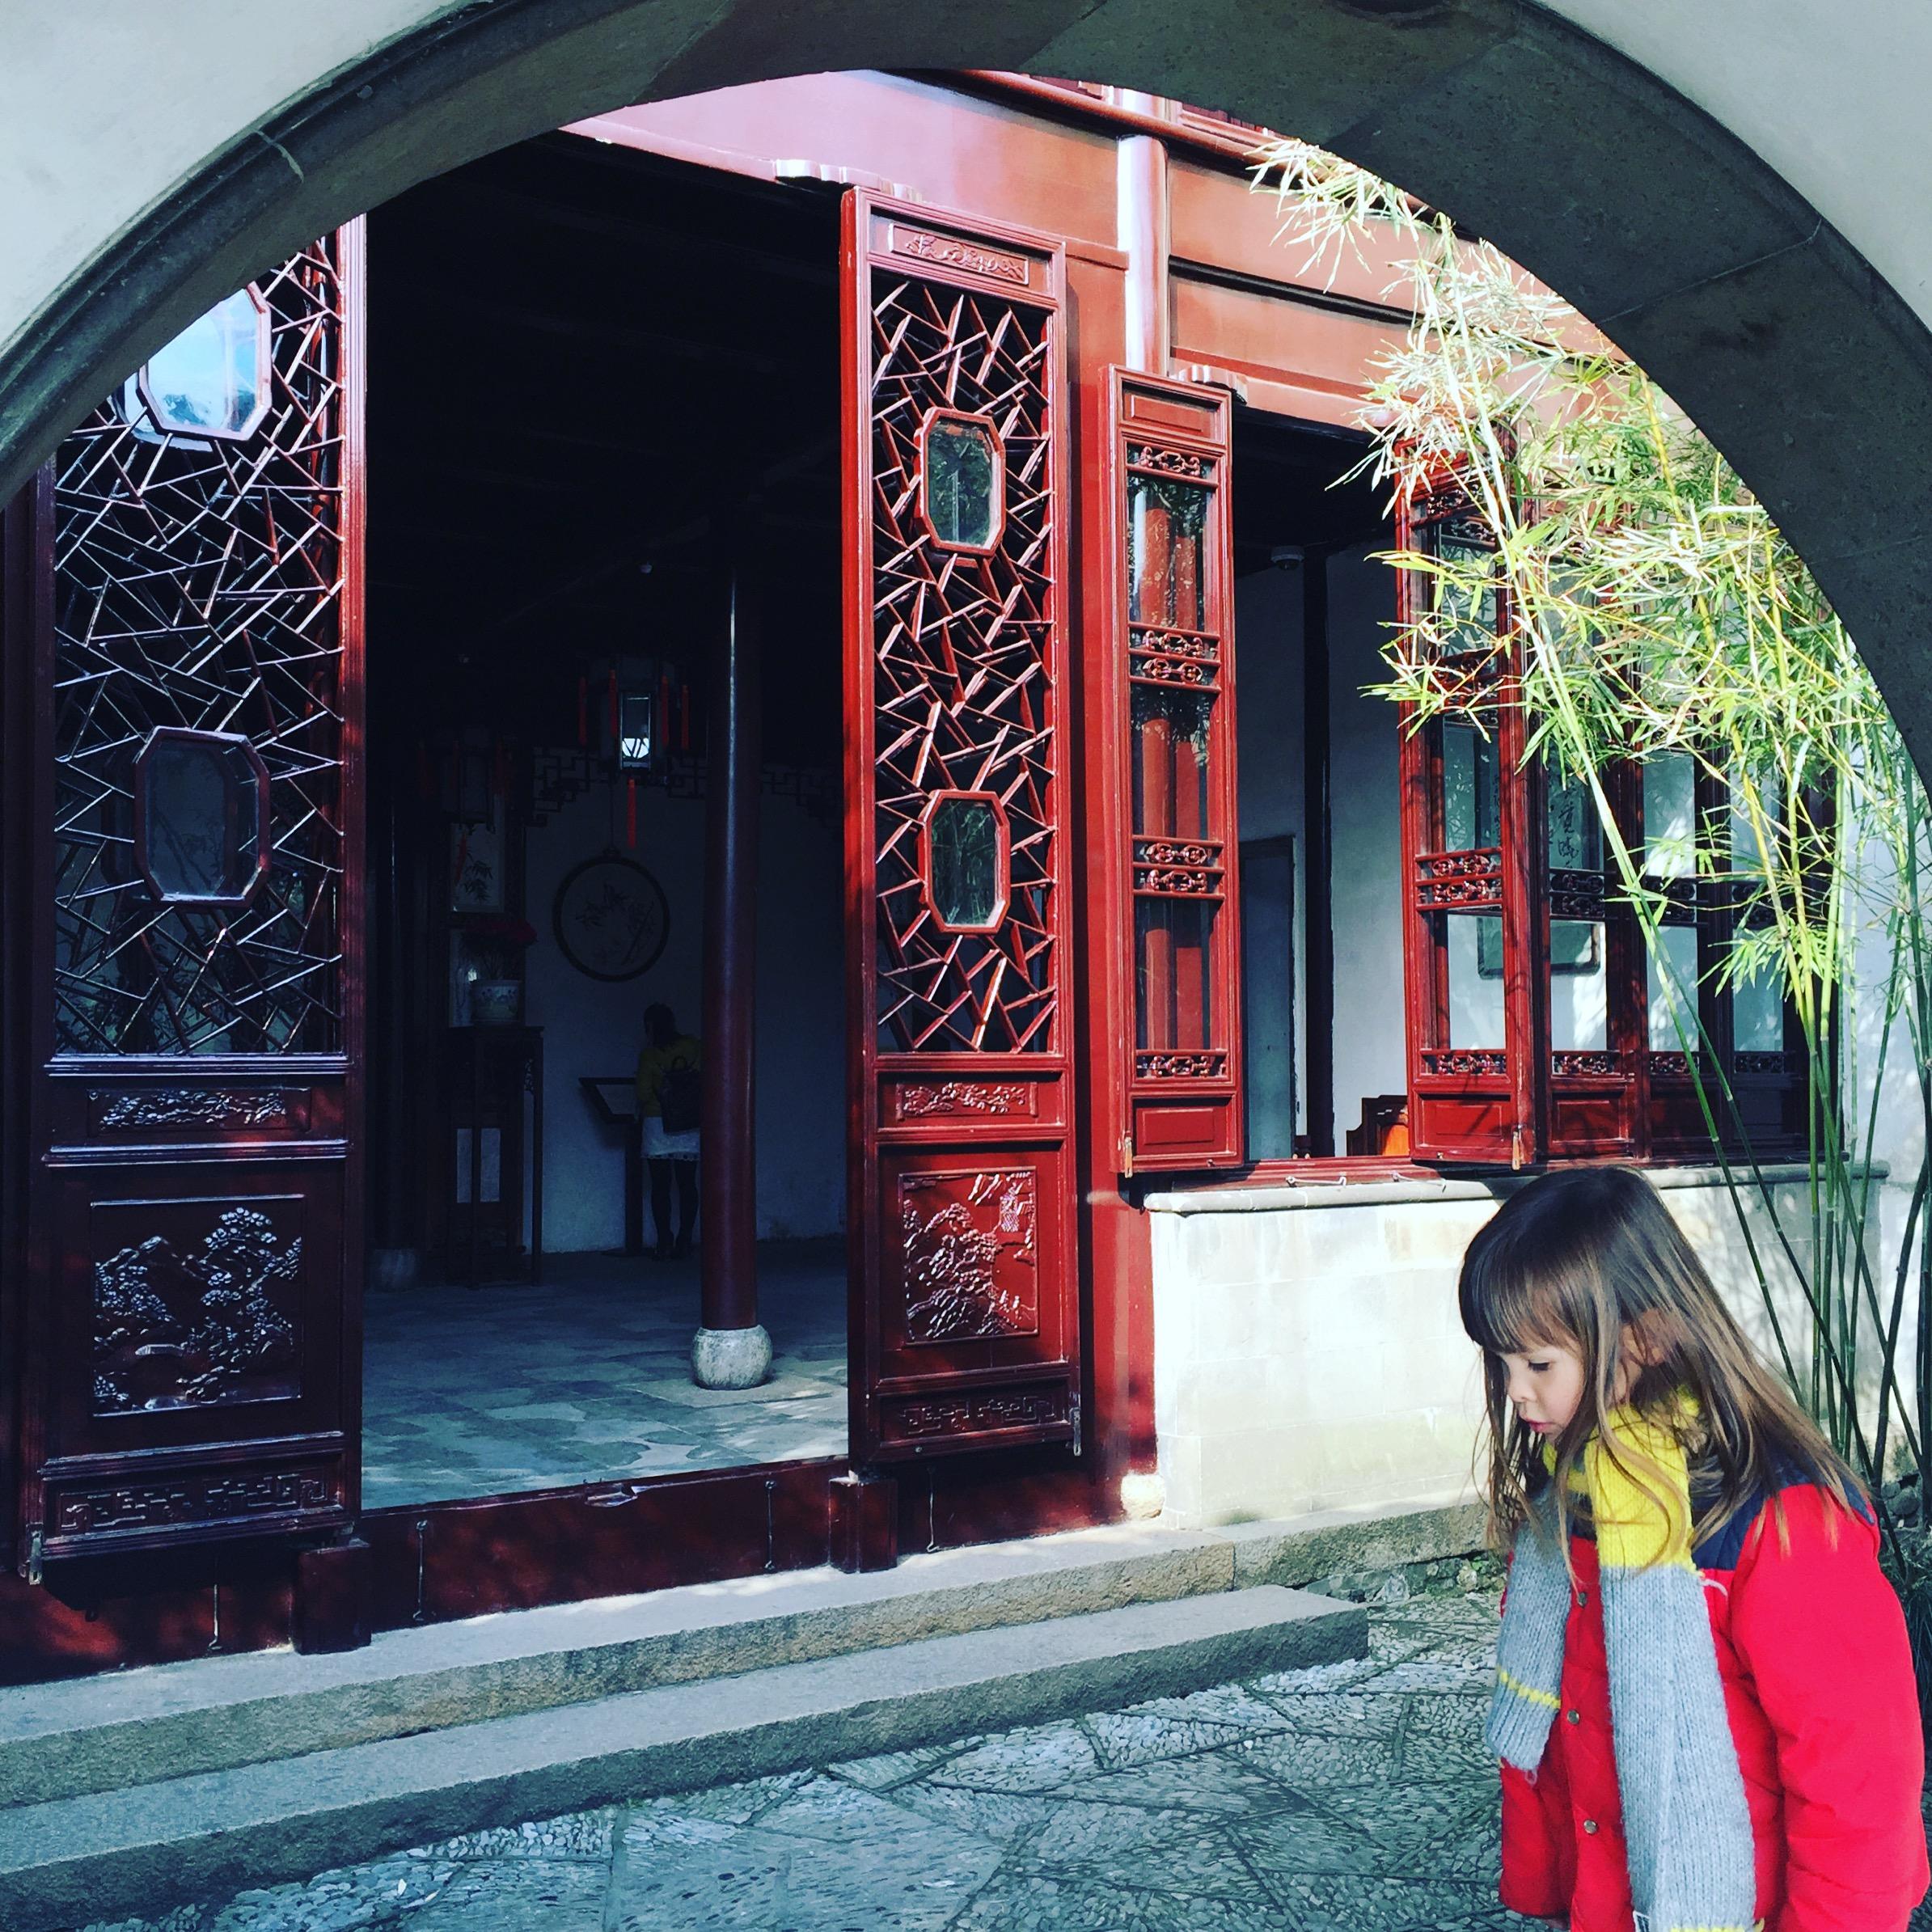 Suzhou, China